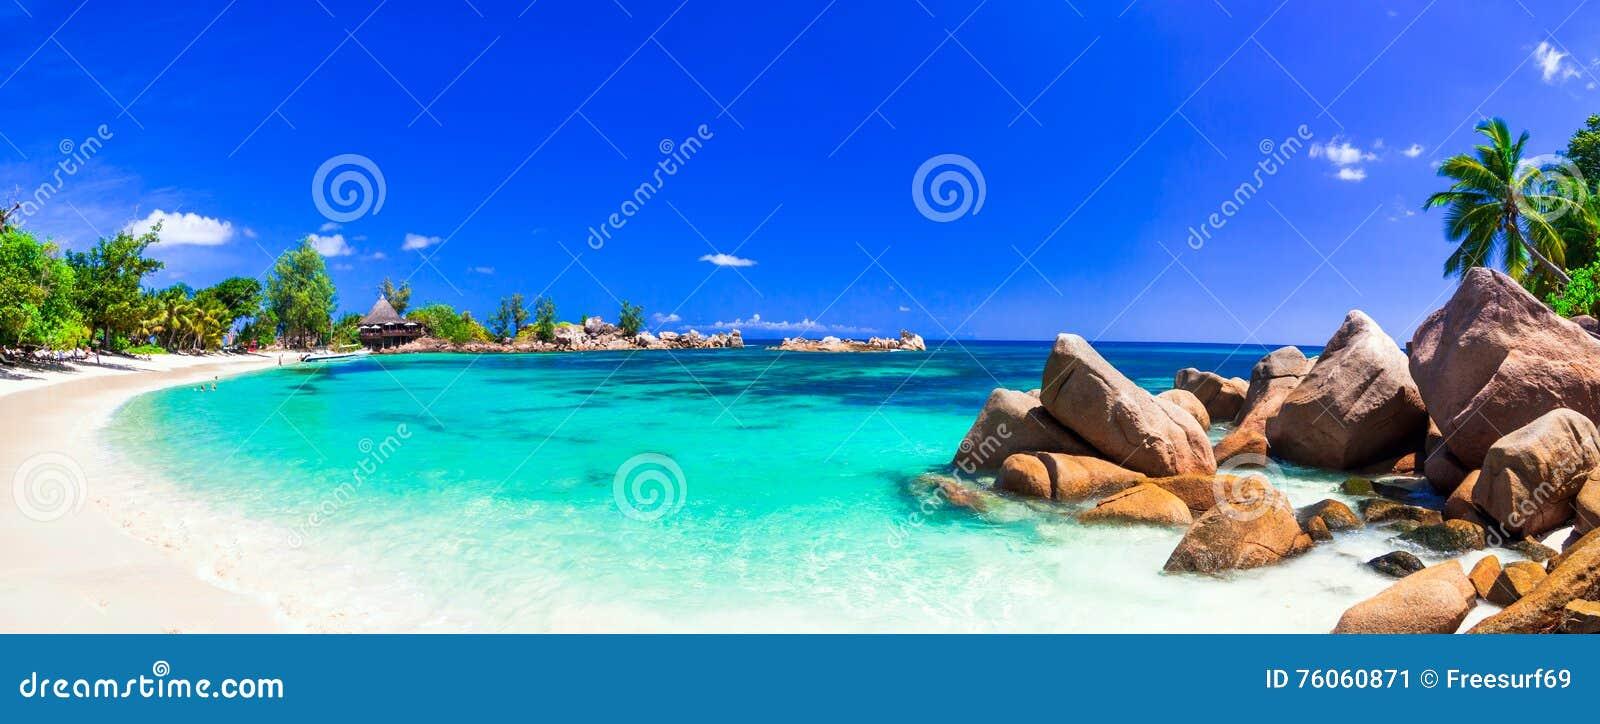 Fantastiska tropiska ferier i paradis sätter på land frånt Seychellerna, Pras